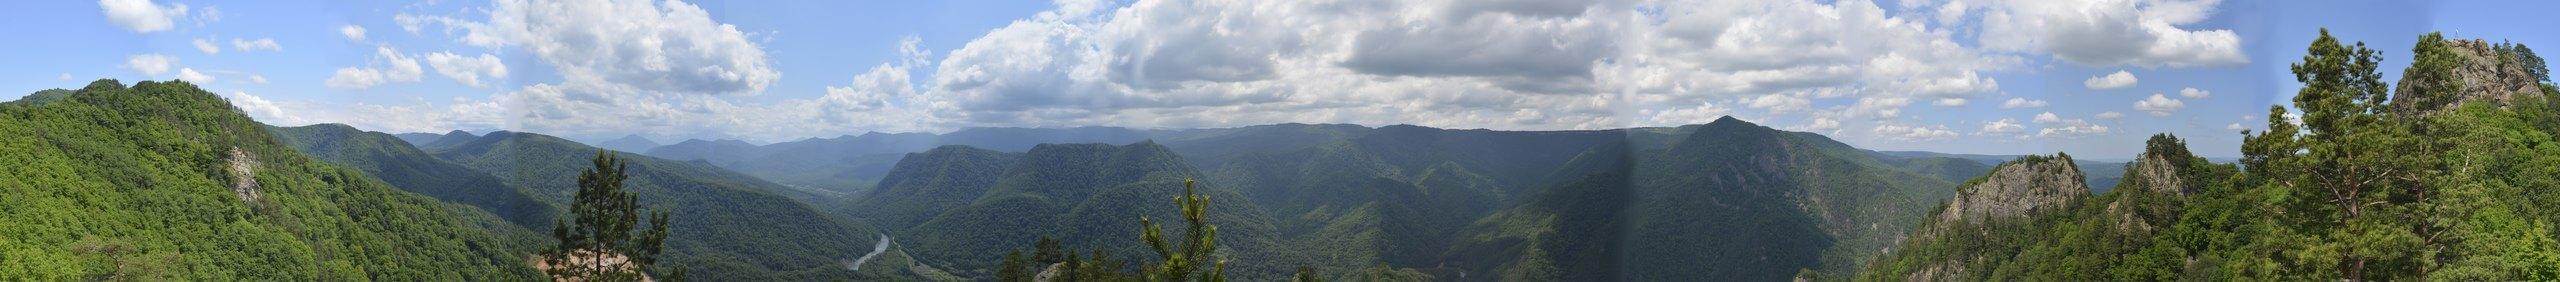 Панорама с отрога горы Трезубец